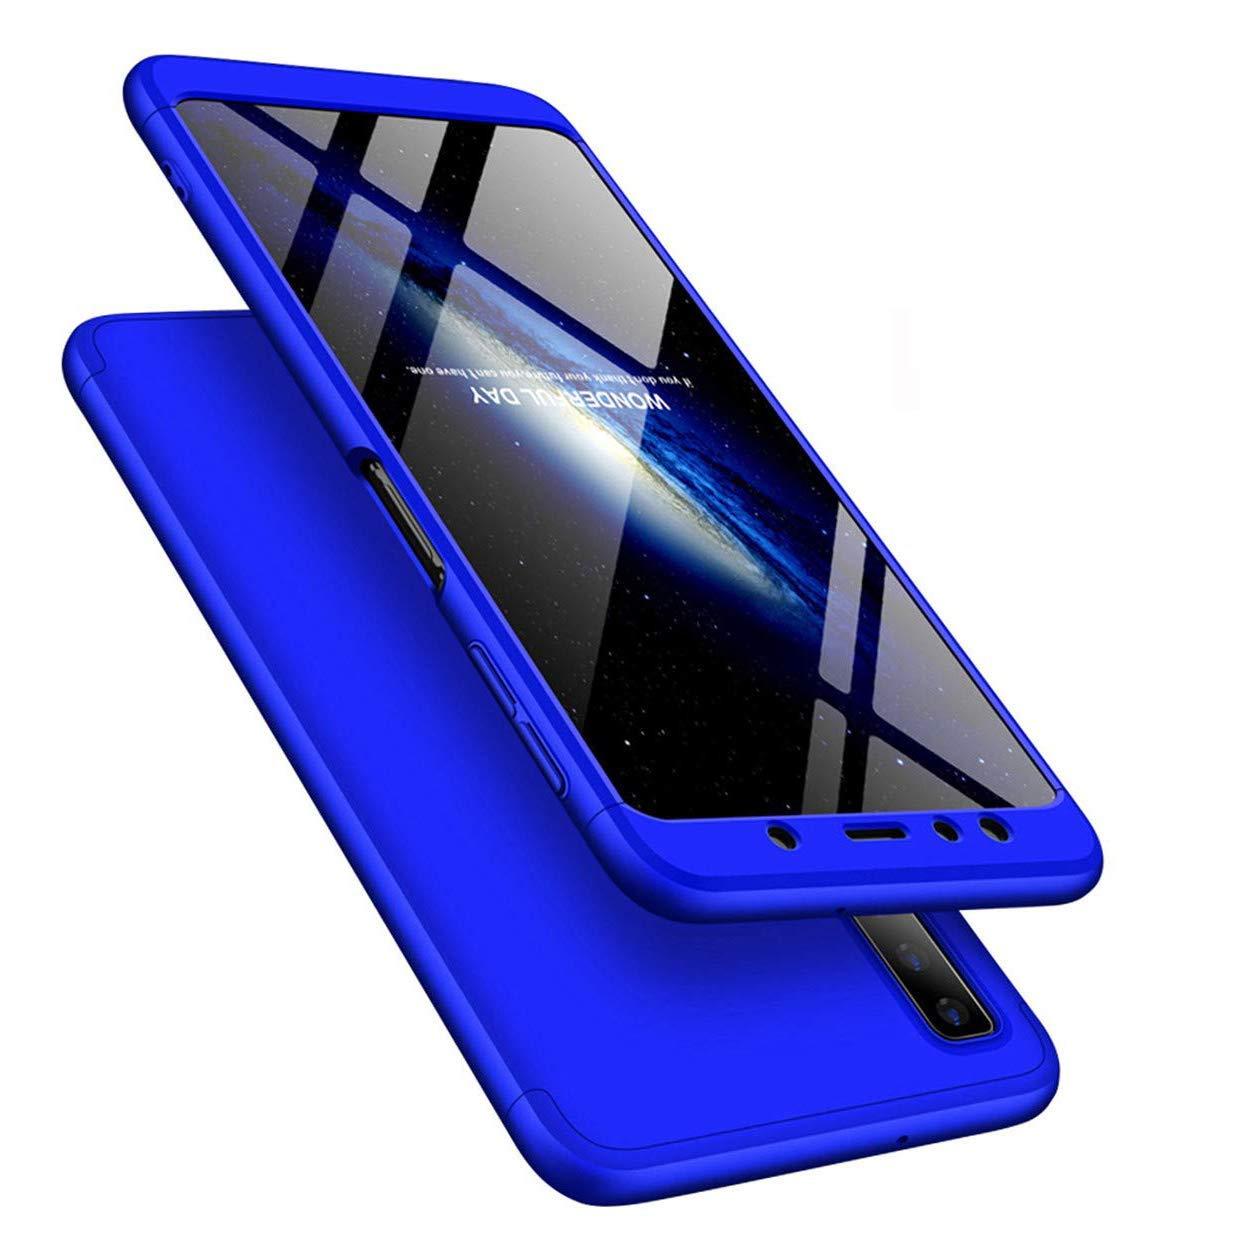 iPhone Xs MaxケースiPhone Xs Plusケース超スリム2 in 1耐衝撃360°フルボディーフロントバックハードPCプラスチックアンチスクラッチカバーiPhone Xs Maxとの互換性、2IN1 PC - ブルー   B07MJBVLFN